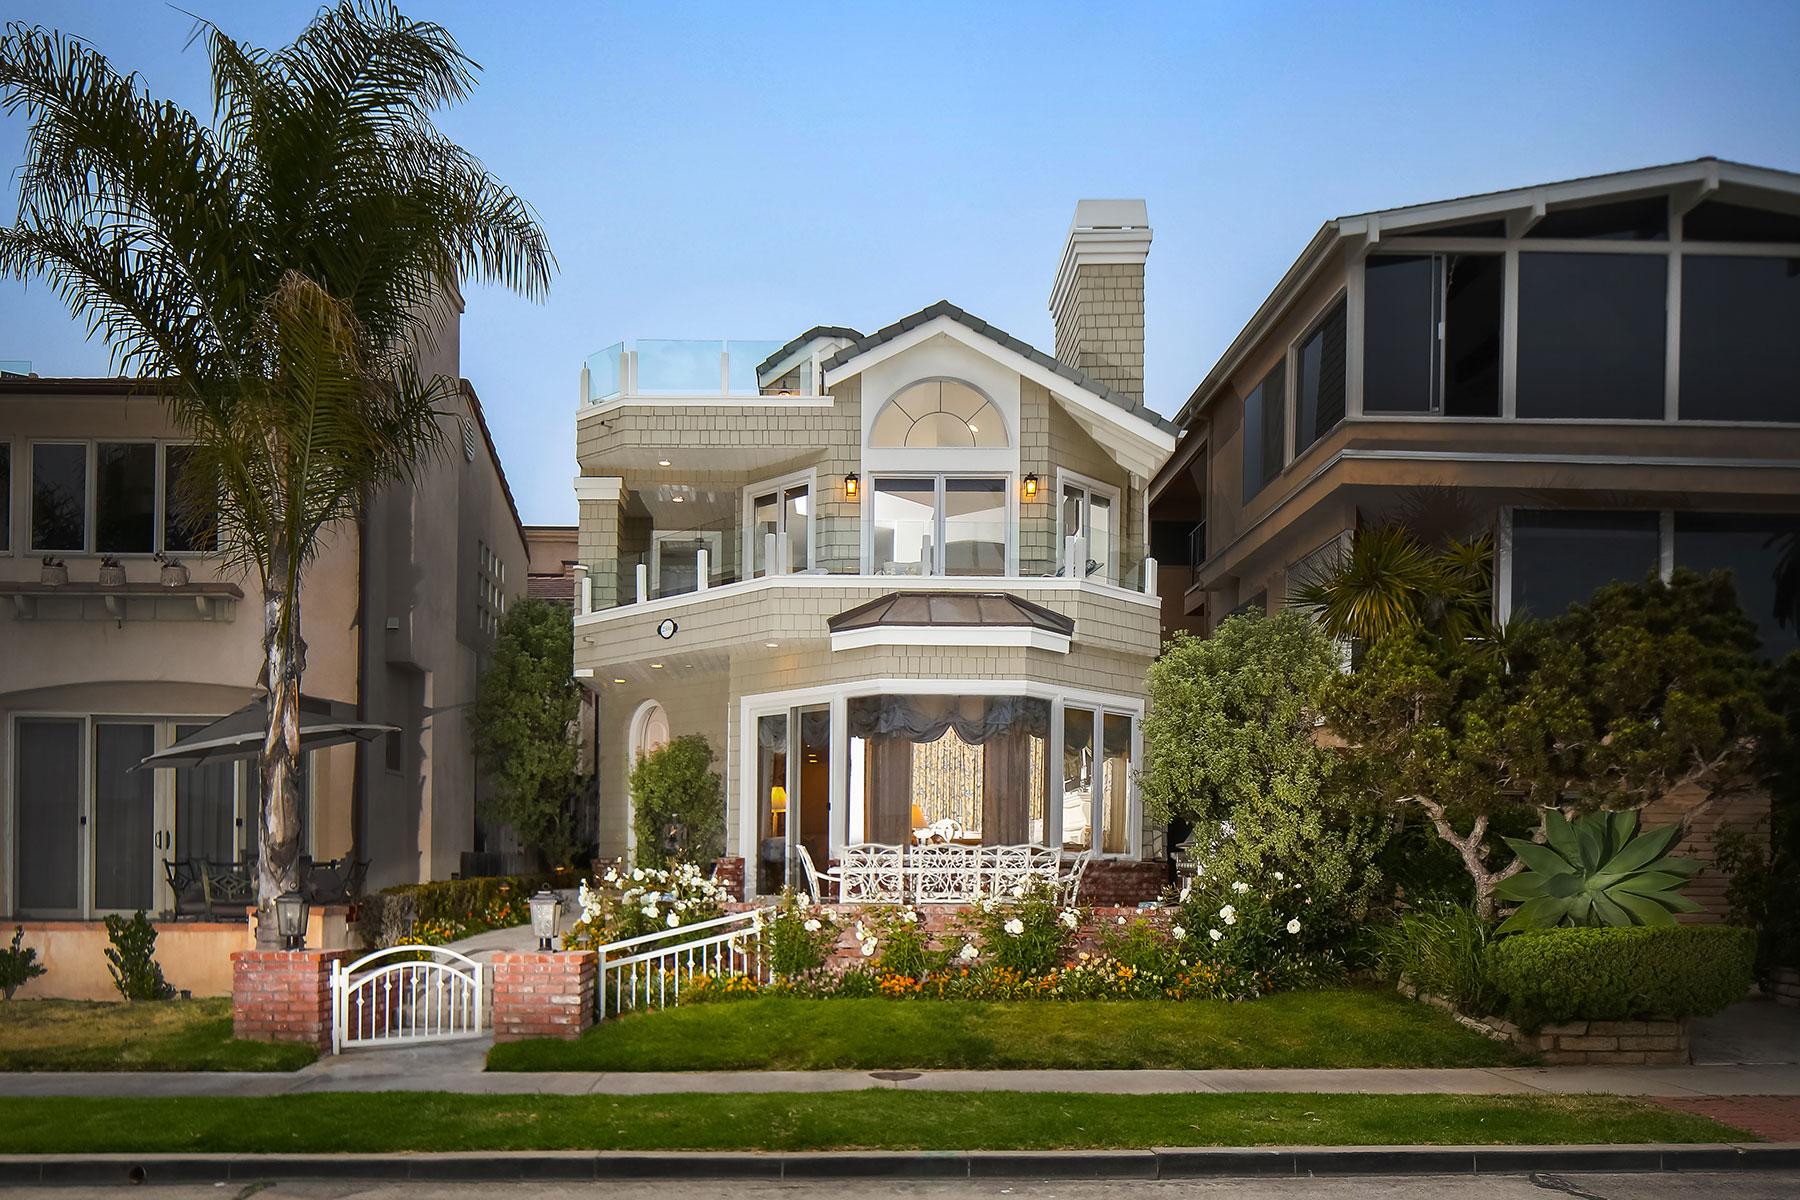 独户住宅 为 销售 在 2508 Ocean 科罗娜, 加利福尼亚州 92625 美国